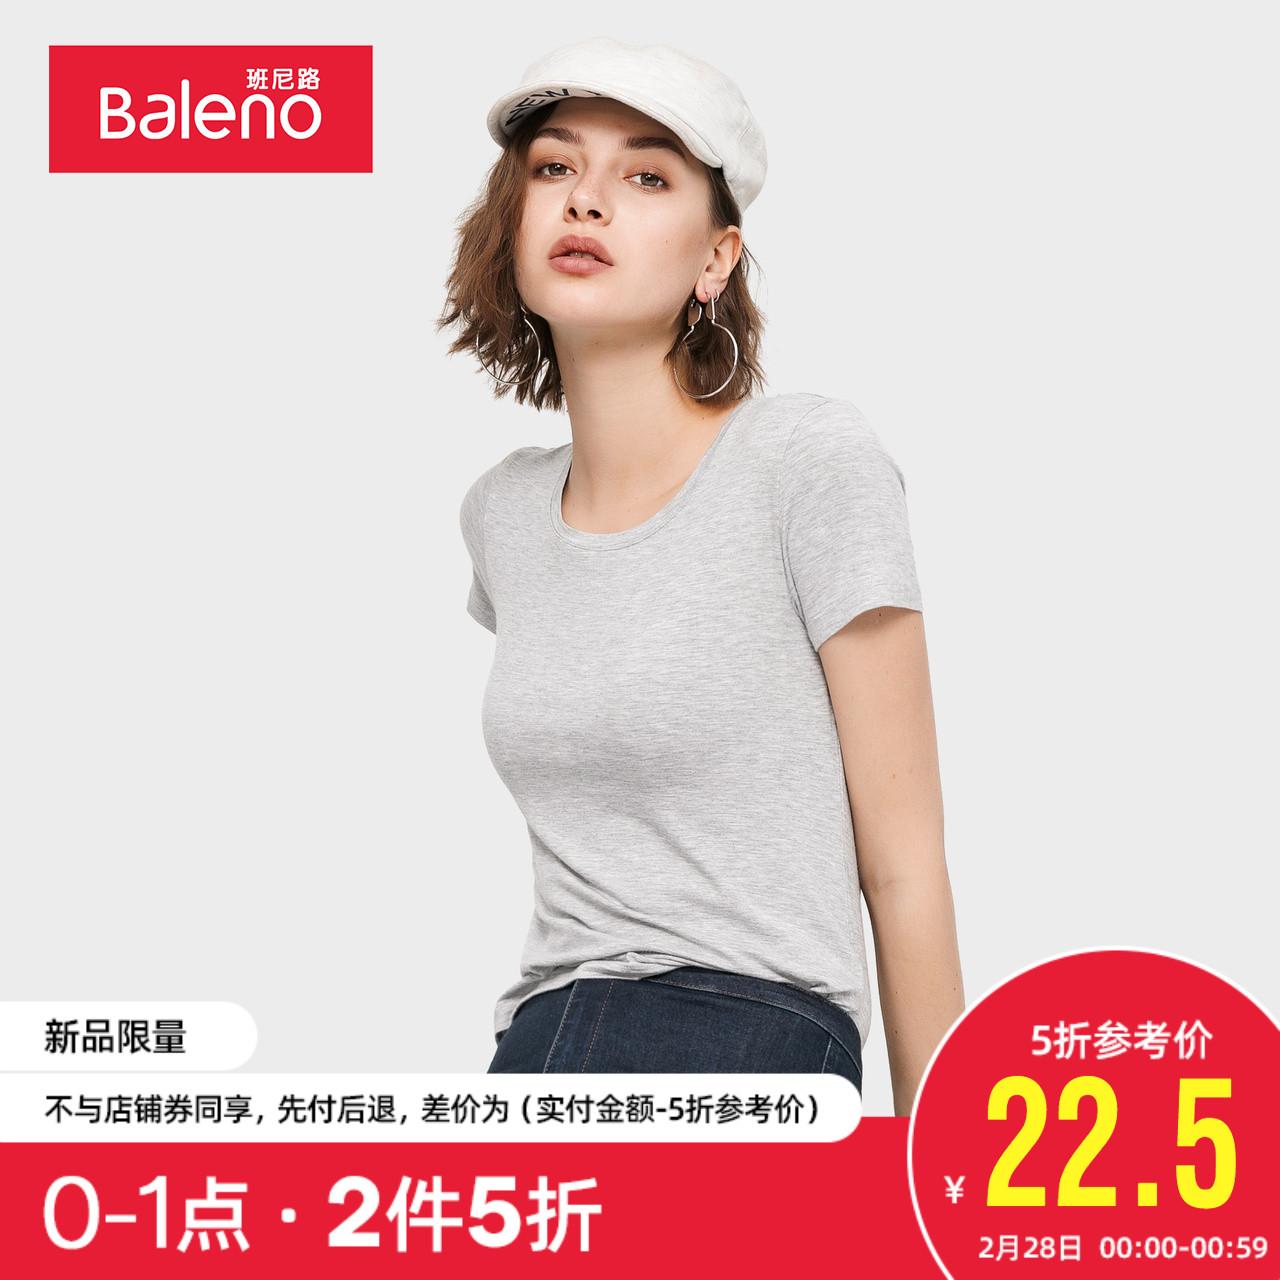 班尼路2020春秋t恤女短袖圆领轻薄纯色简约弹力休闲百搭打底体恤